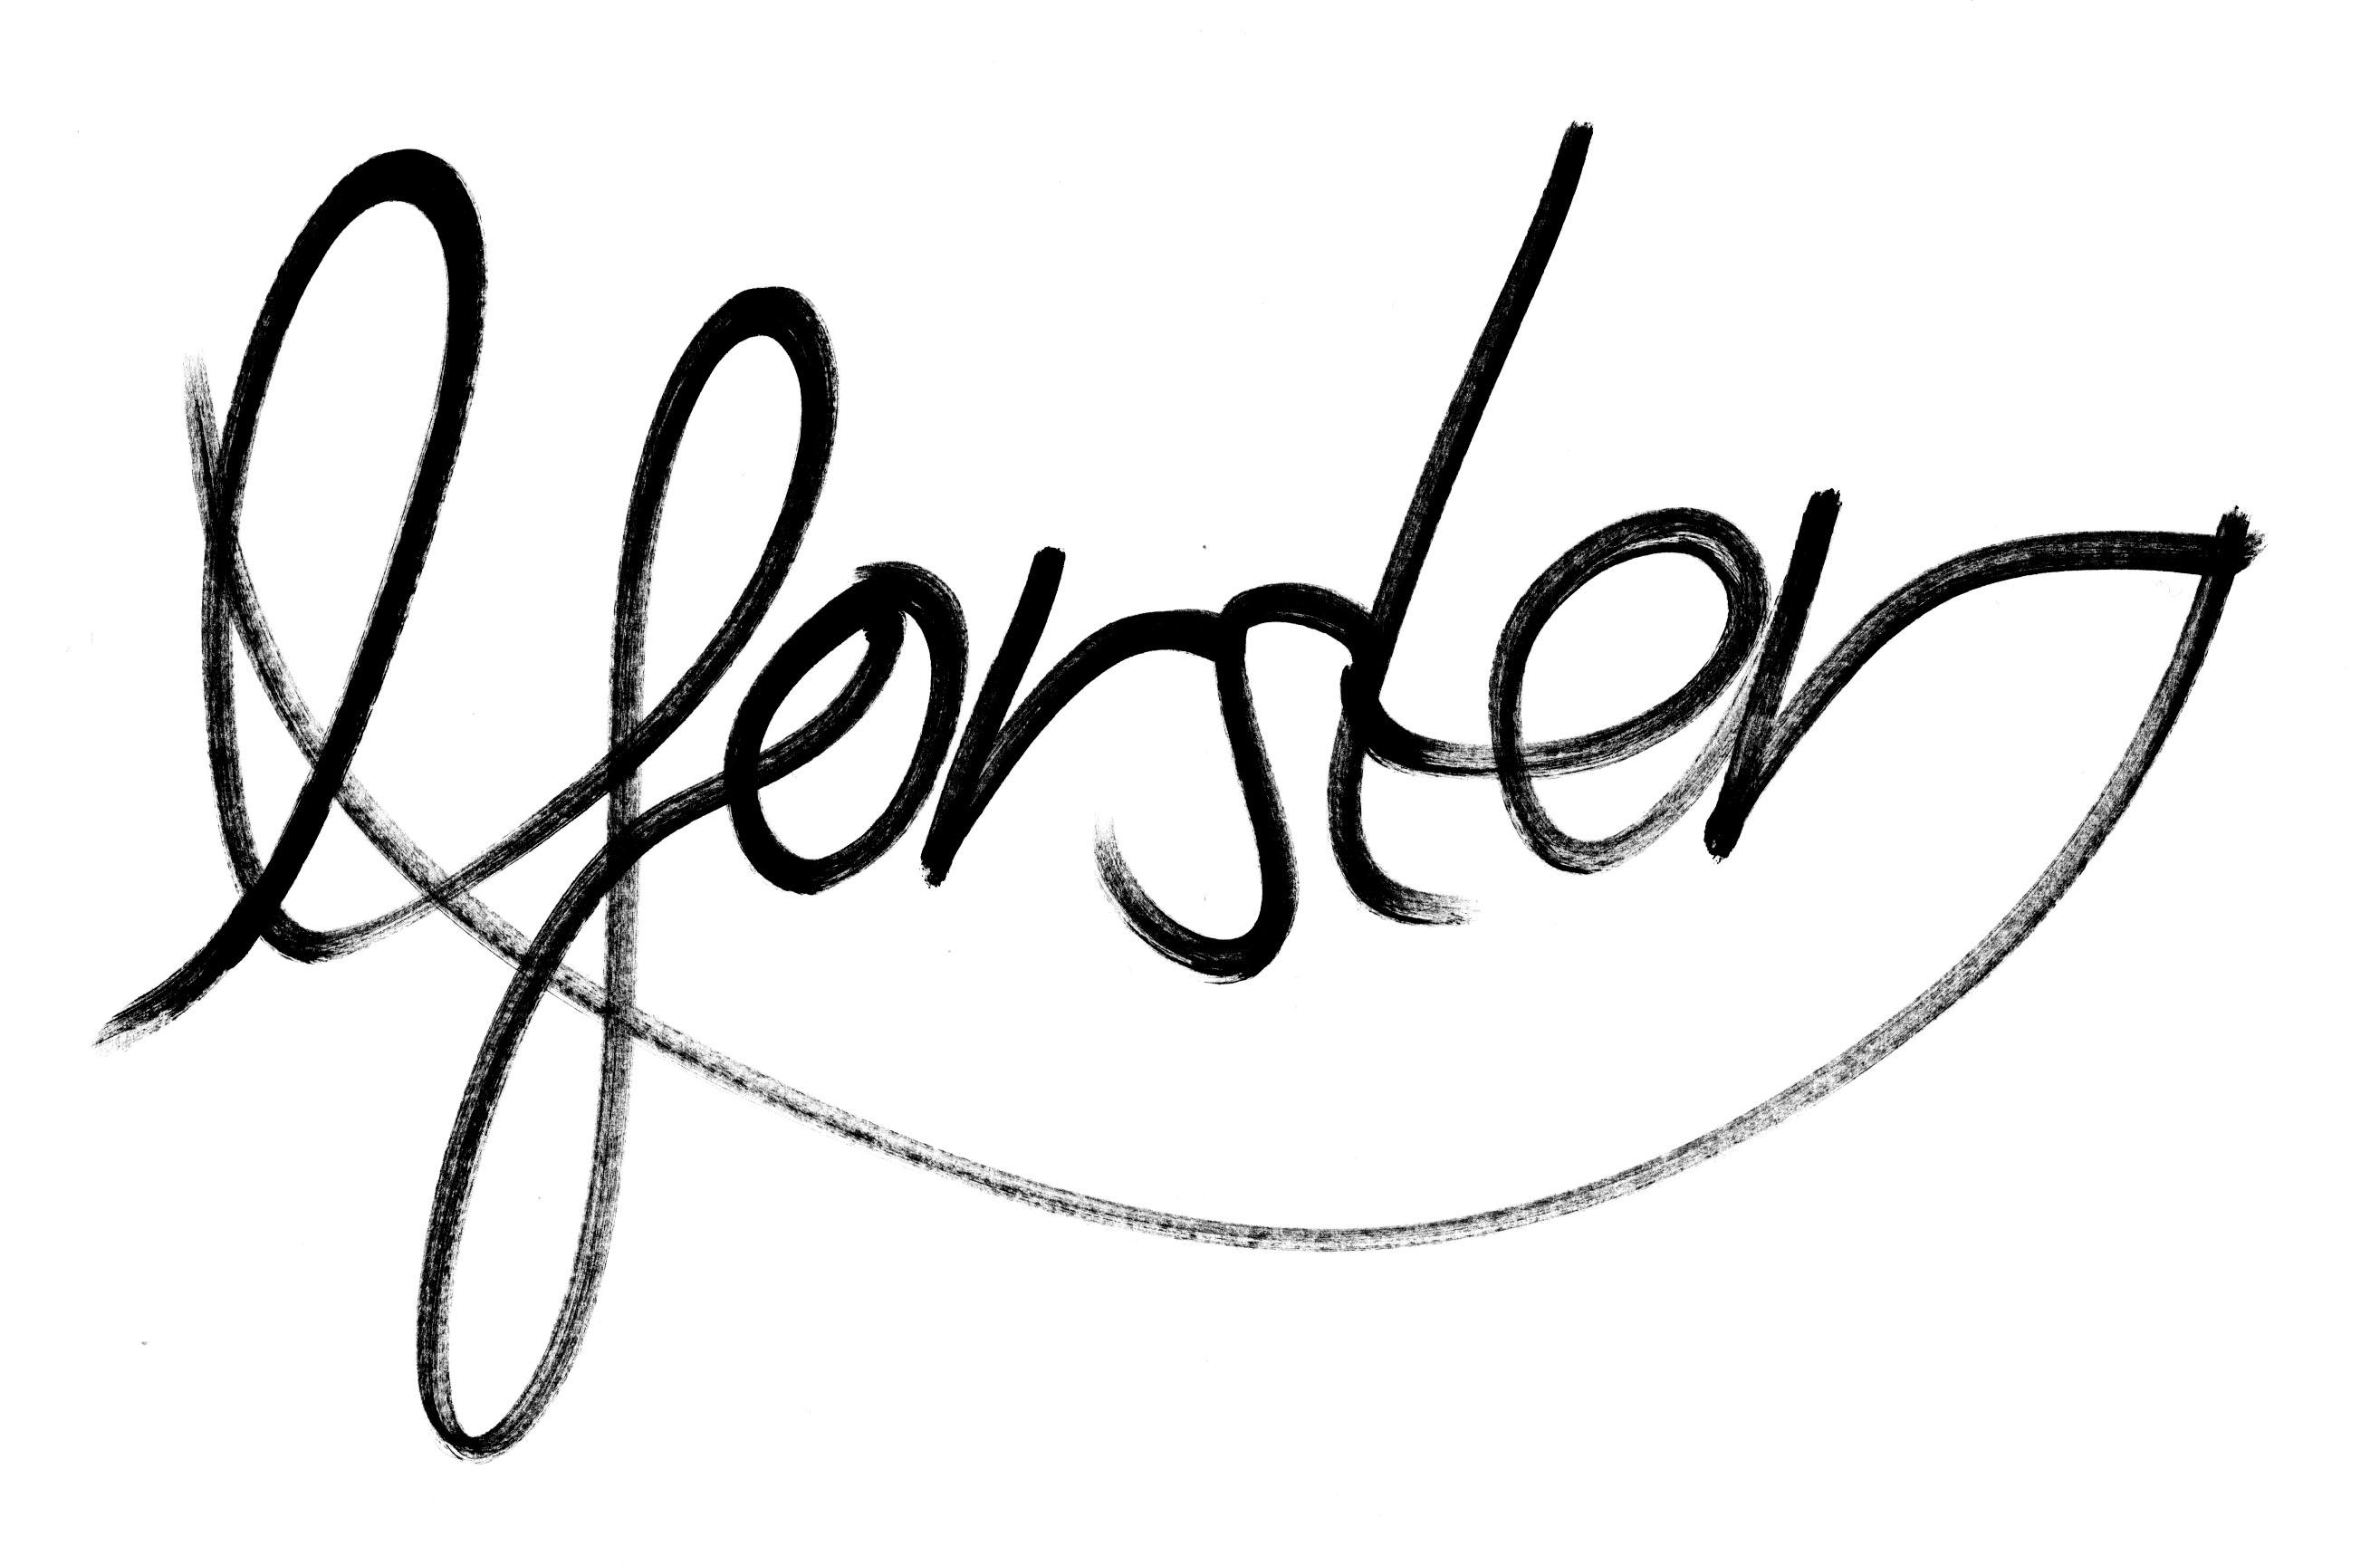 Luke Forster's Signature